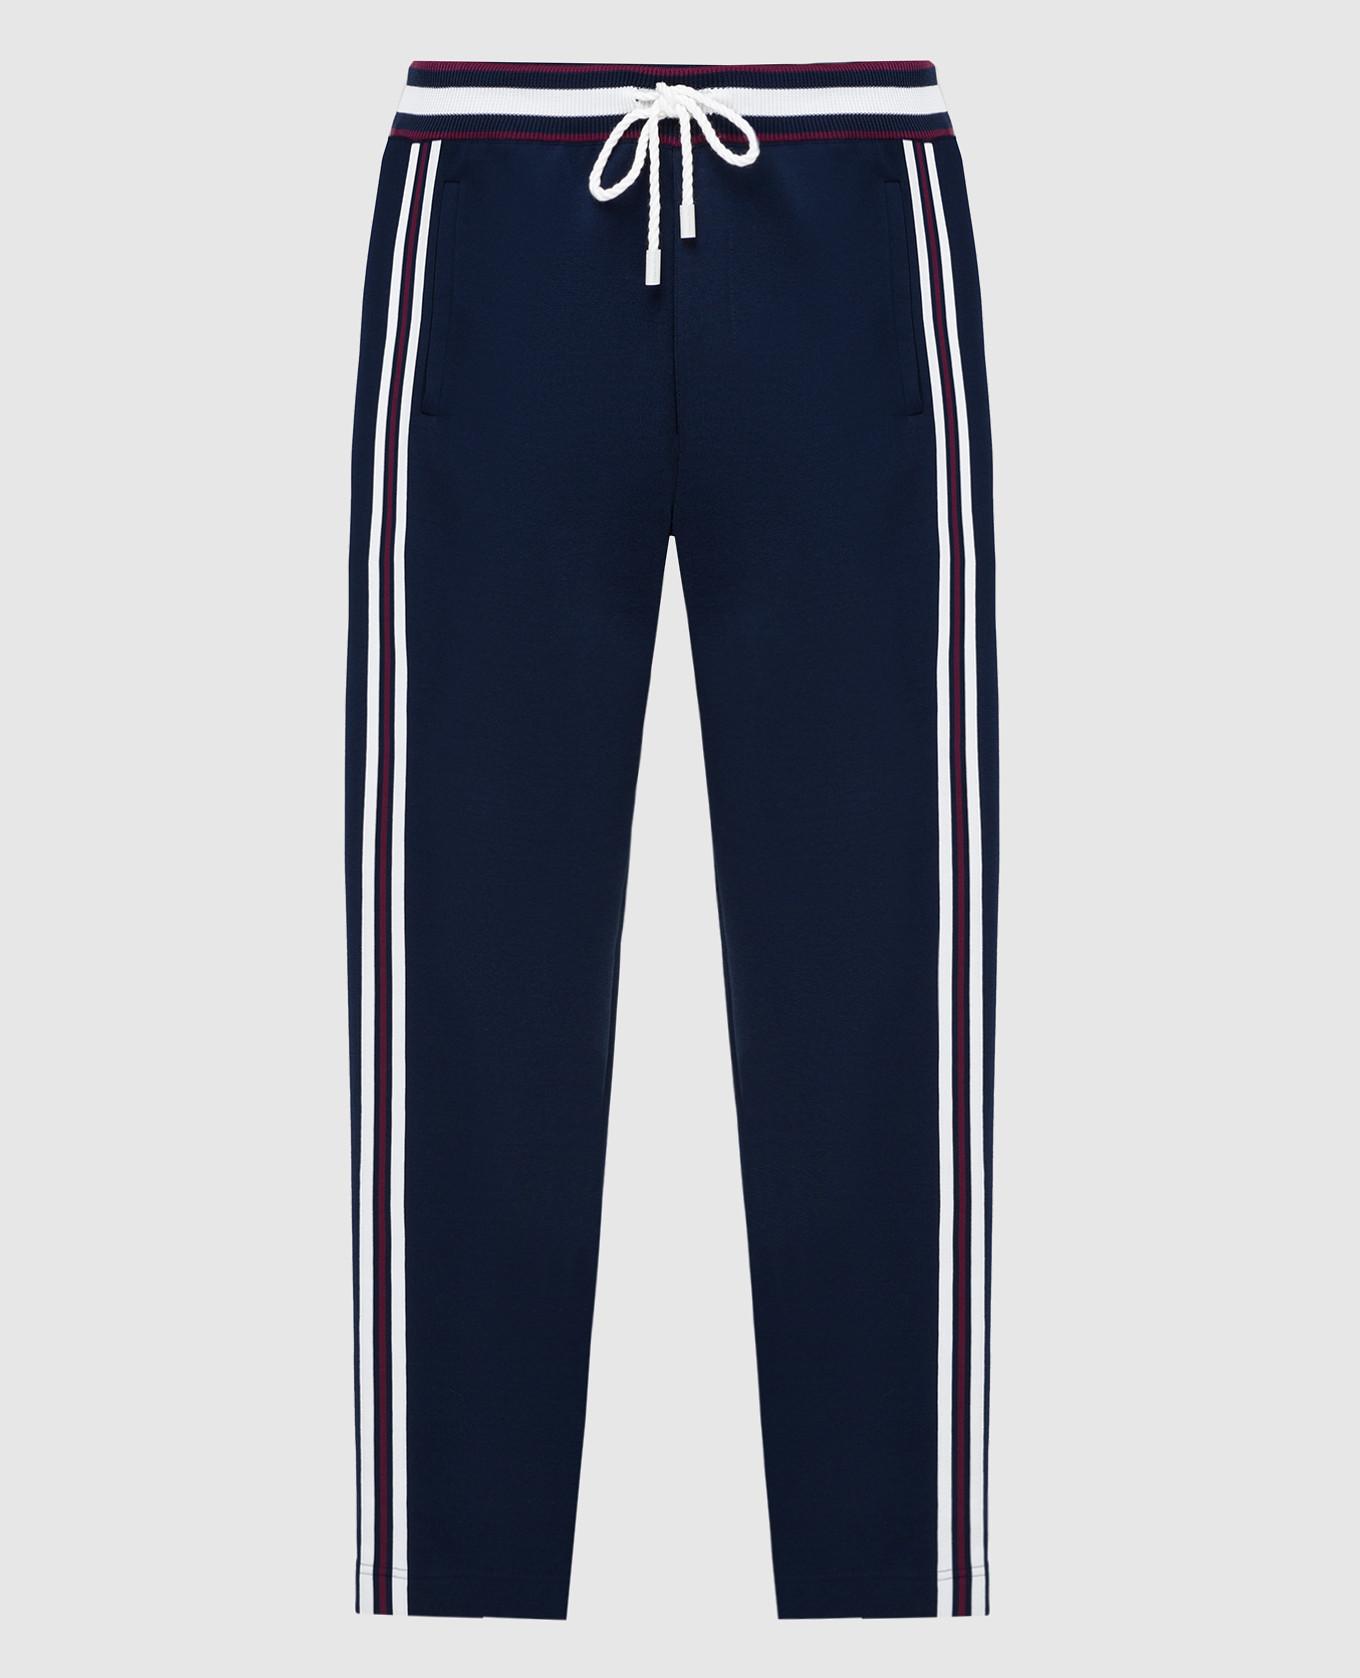 Темно-синие спортивные брюки